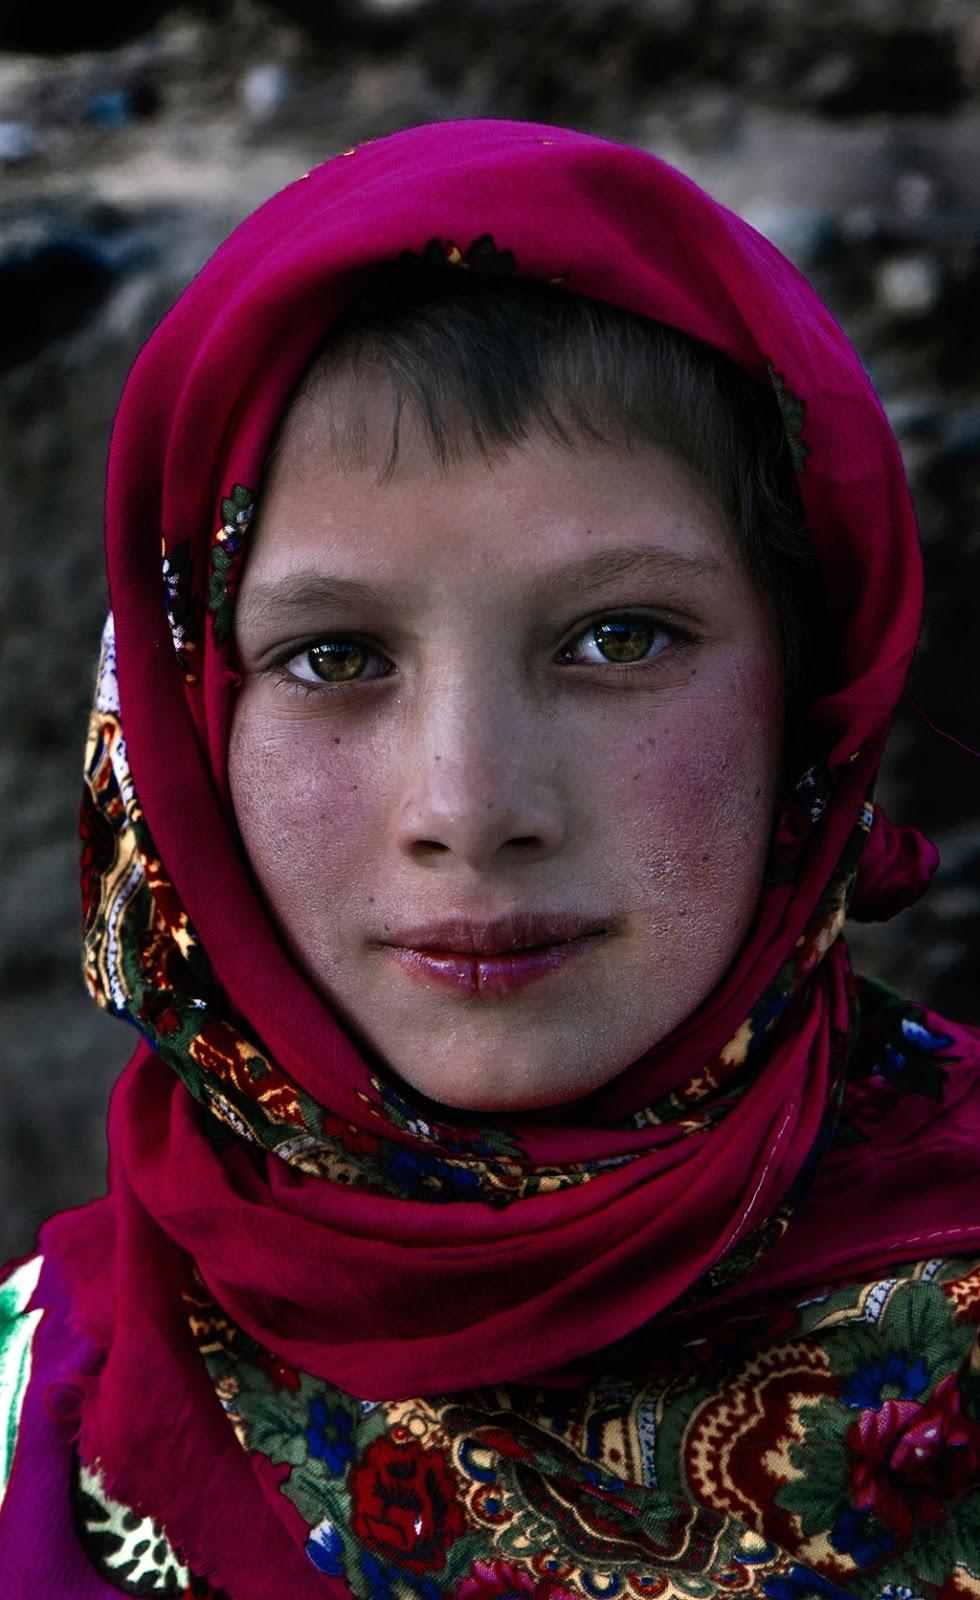 памирский таджик фото кобель быстро